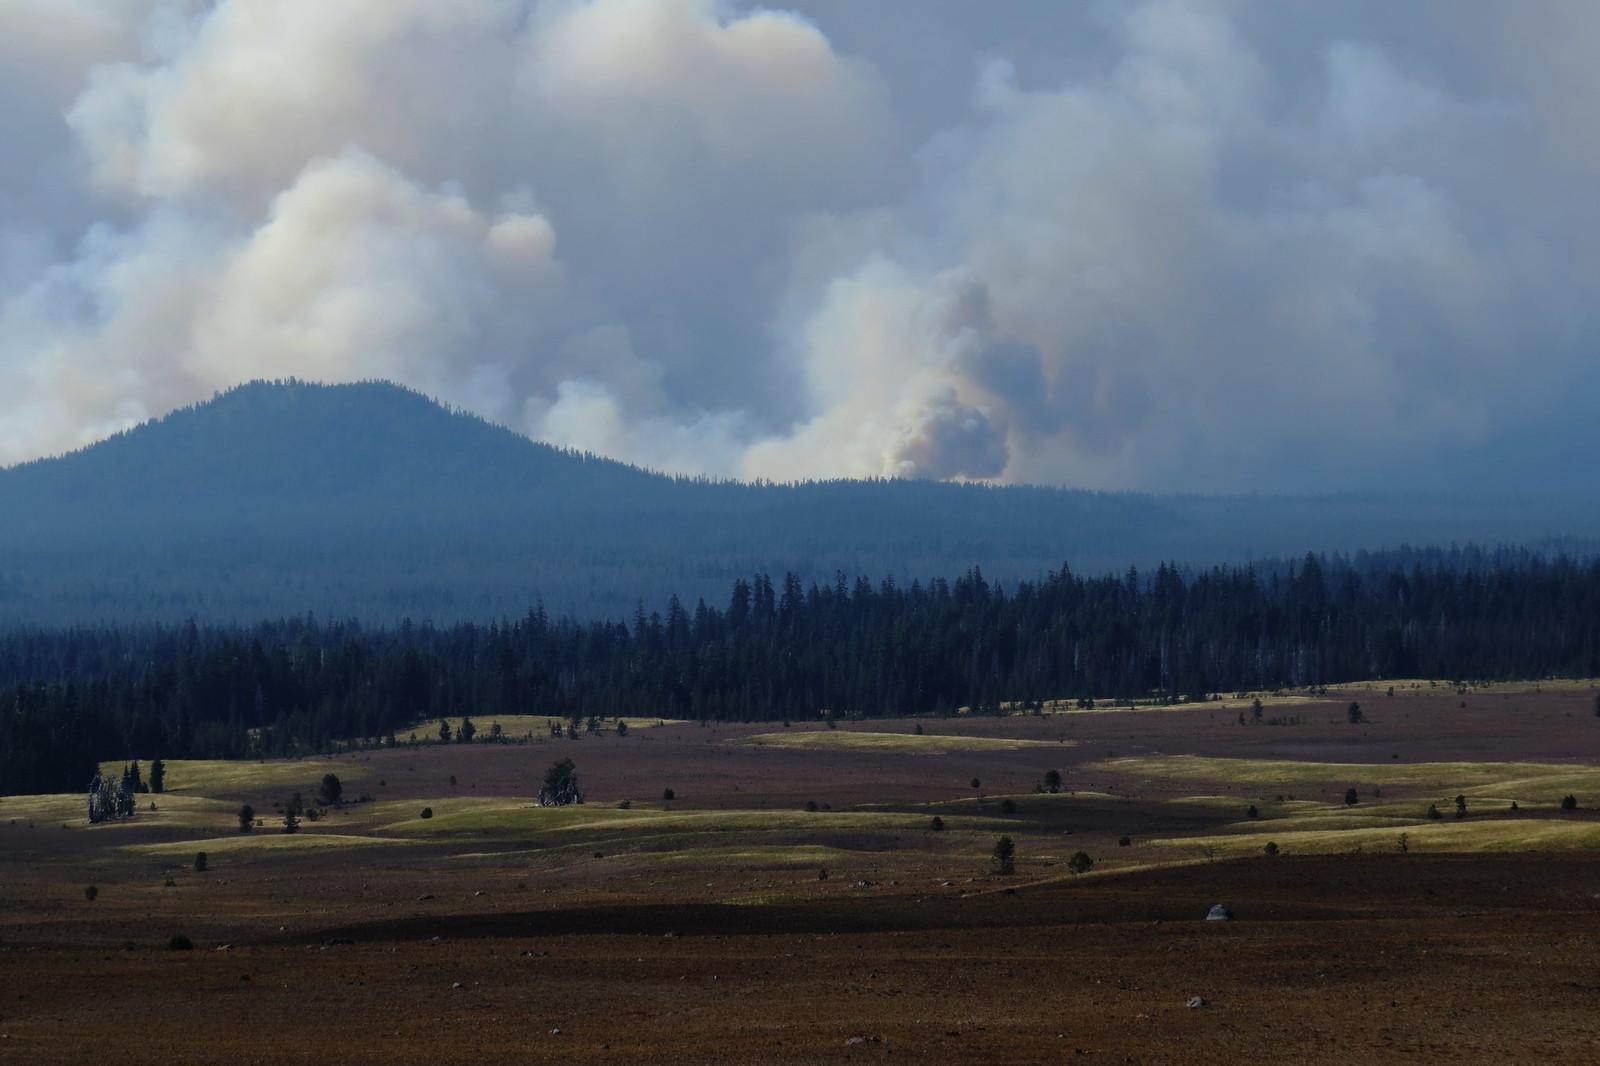 Smoke from the fire, Umpqua Forest, Oregon